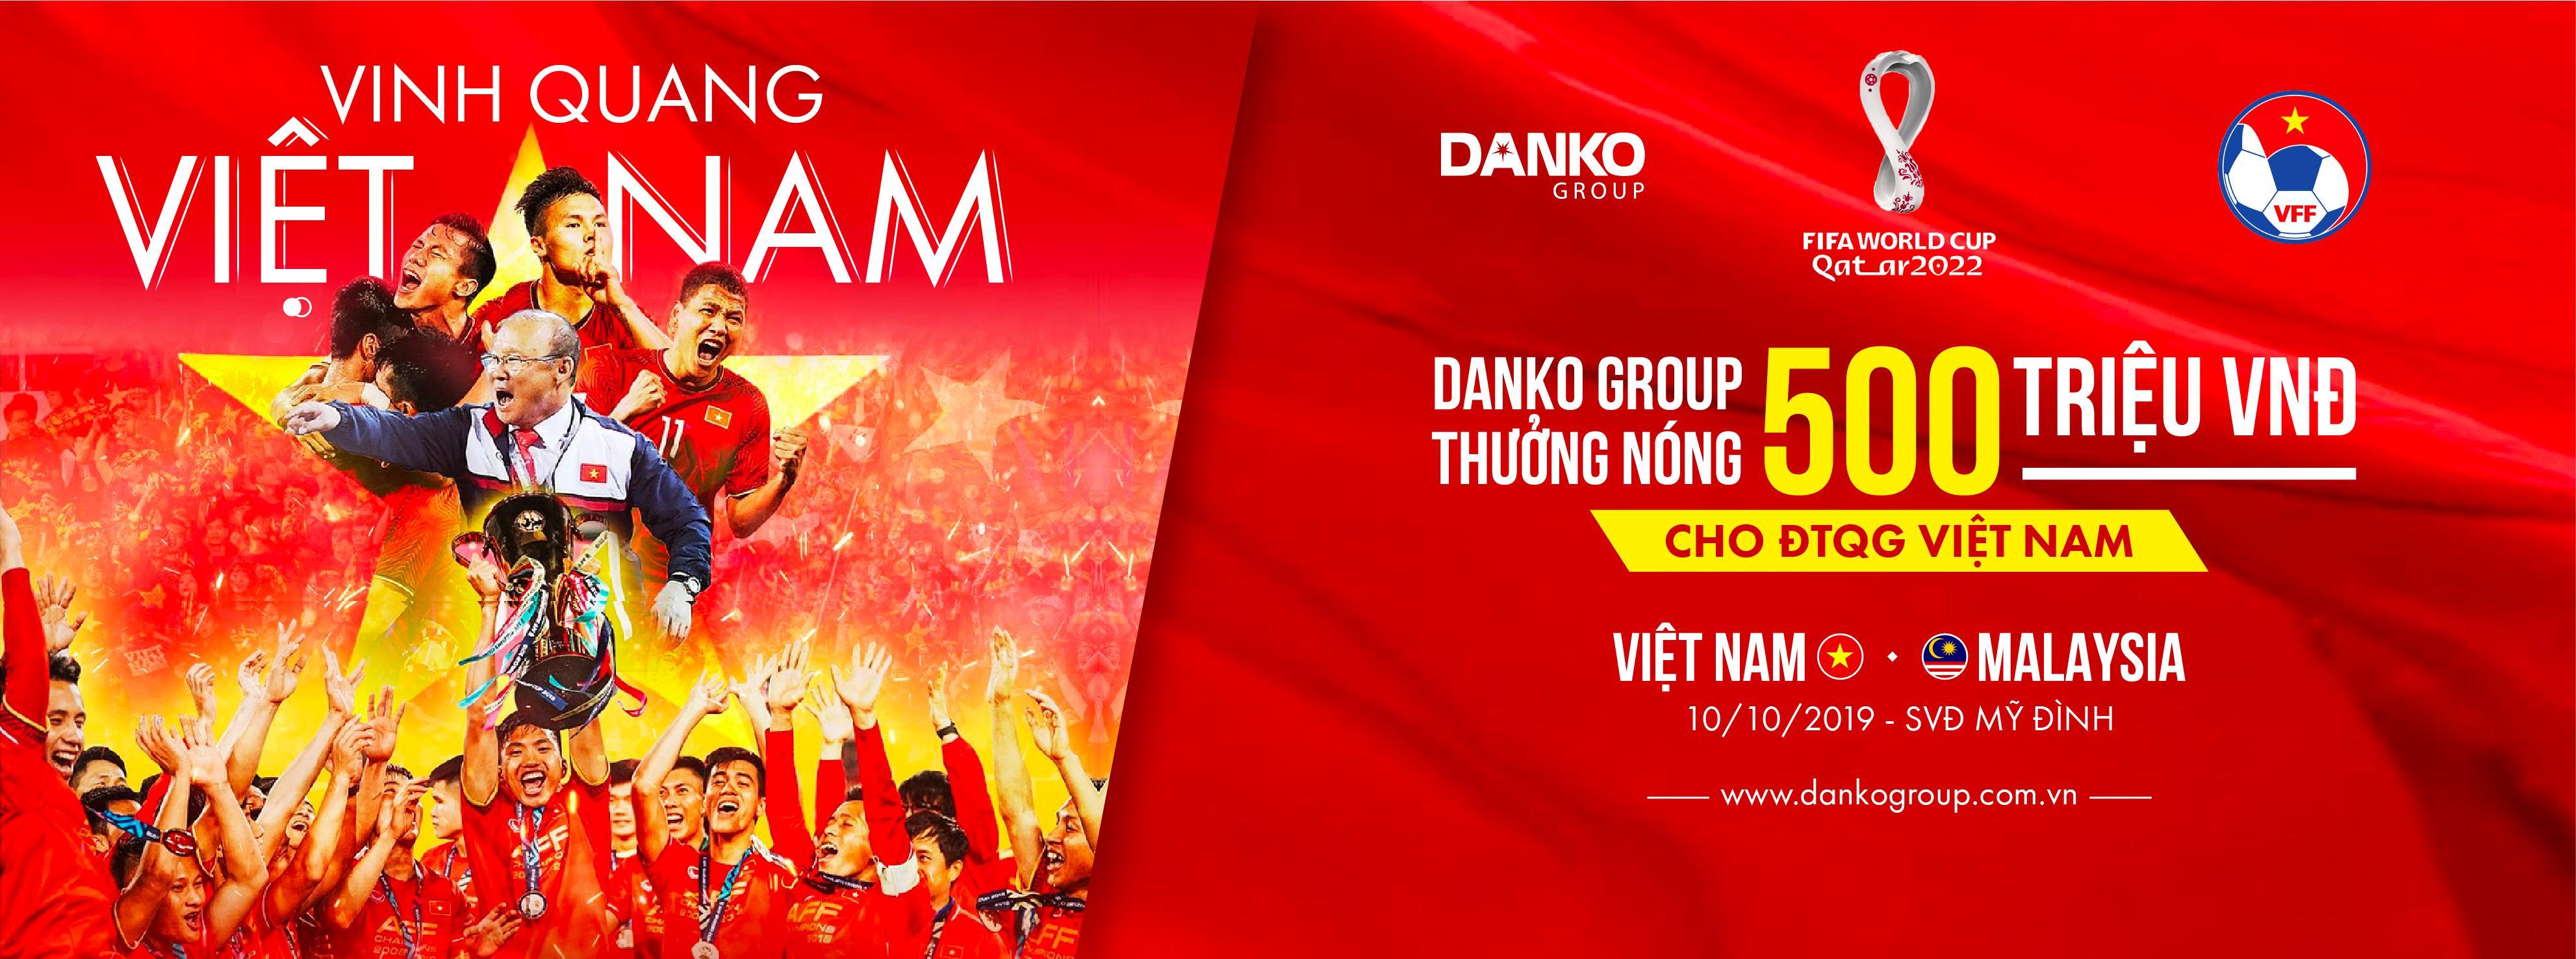 Danko Group thưởng nóng đội tuyển Việt Nam tham gia vòng loại World Cup